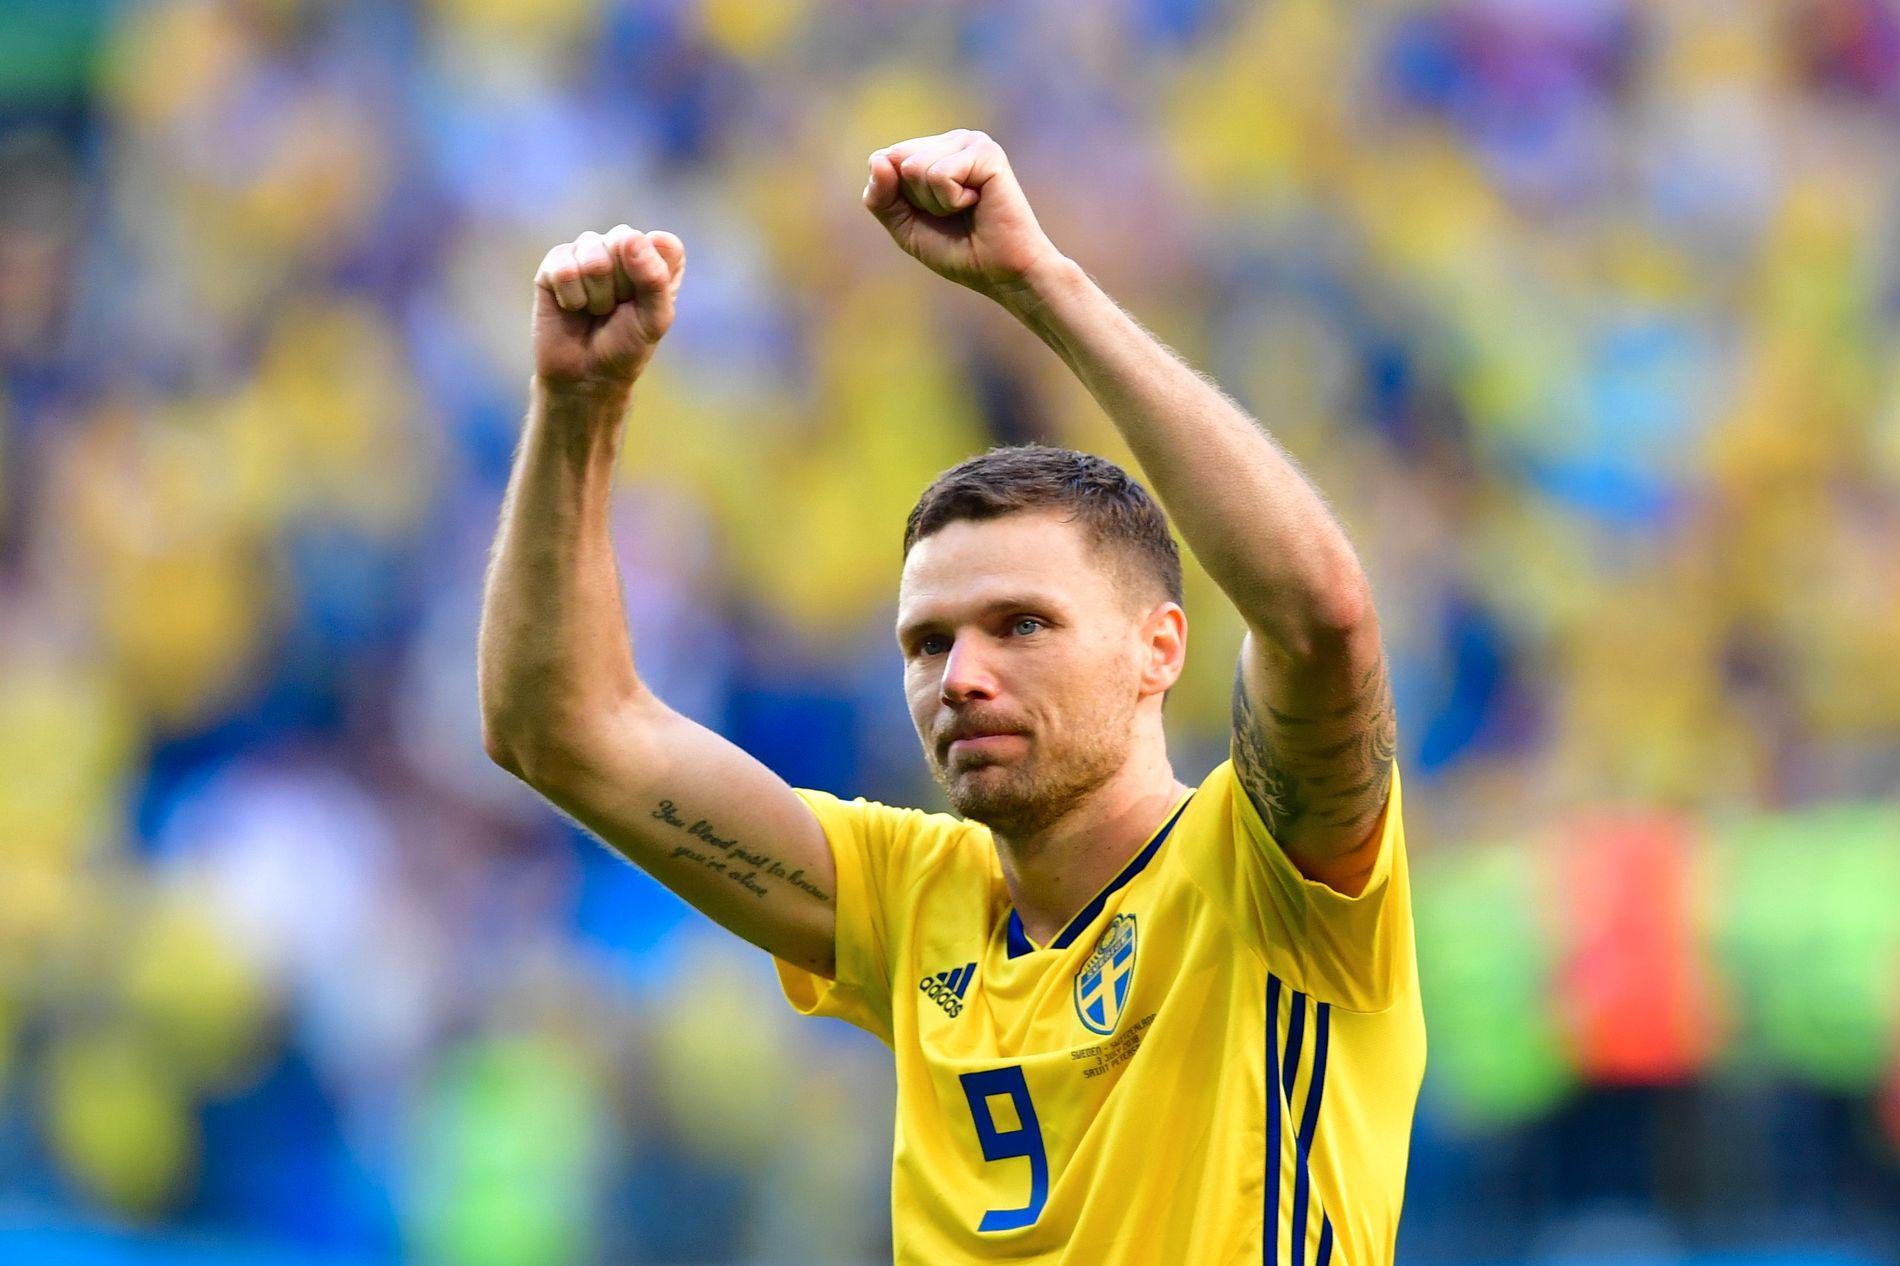 MÅLLØS: Marcus Berg har fortsatt til gode å score et mål i VM.